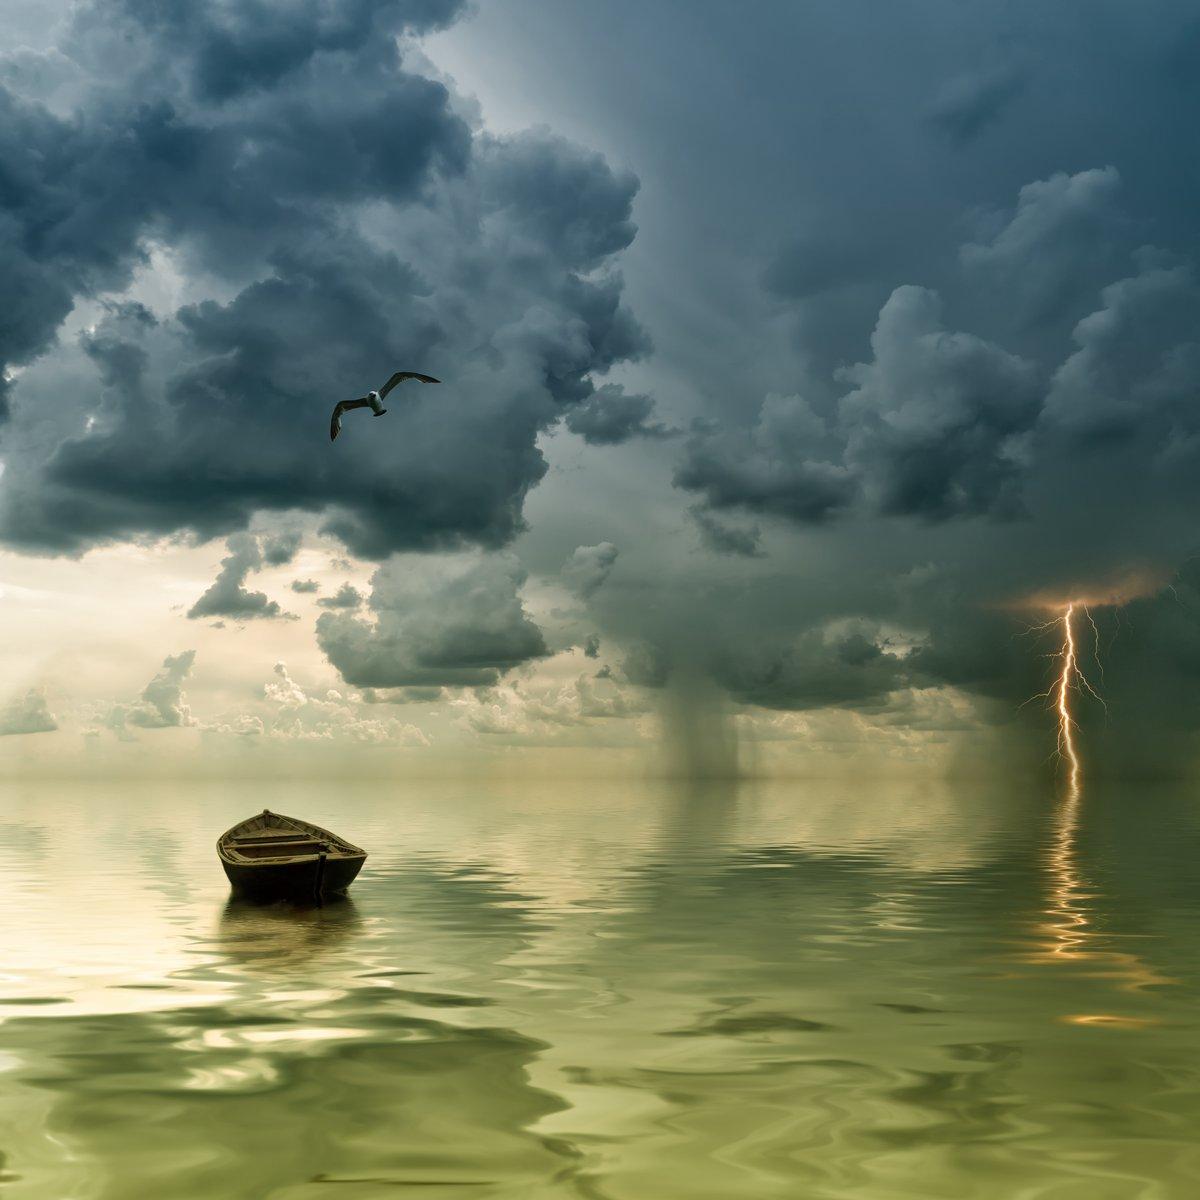 Постер Молния Одинокая старая лодка в океане,Молния<br>Постер на холсте или бумаге. Любого нужного вам размера. В раме или без. Подвес в комплекте. Трехслойная надежная упаковка. Доставим в любую точку России. Вам осталось только повесить картину на стену!<br>